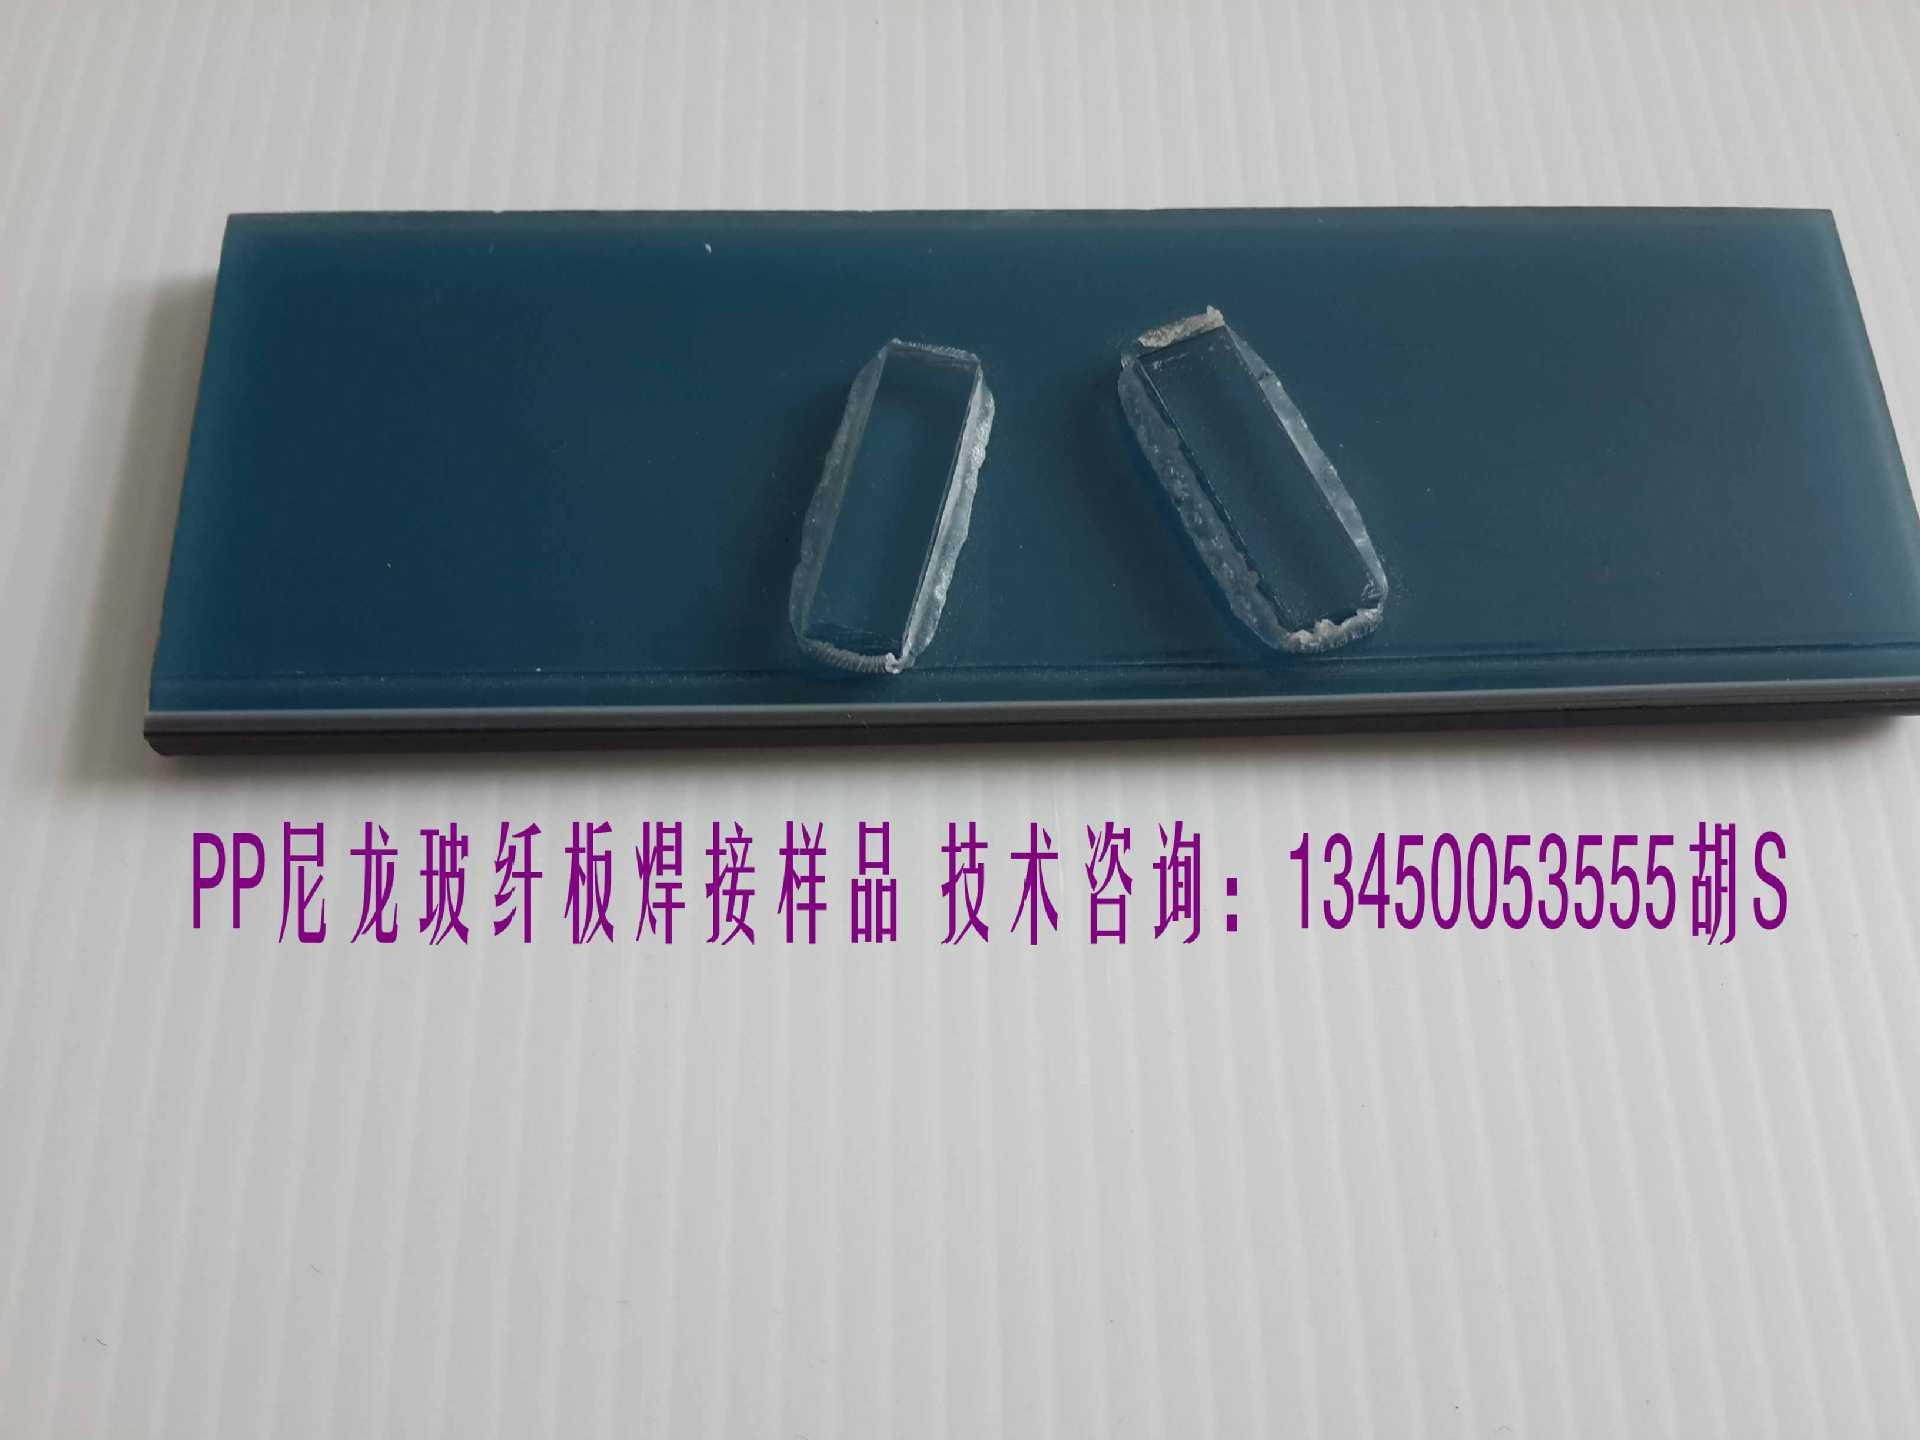 振动摩擦焊接机 协和制造PP尼龙加玻纤 振动摩擦焊接机示例图23